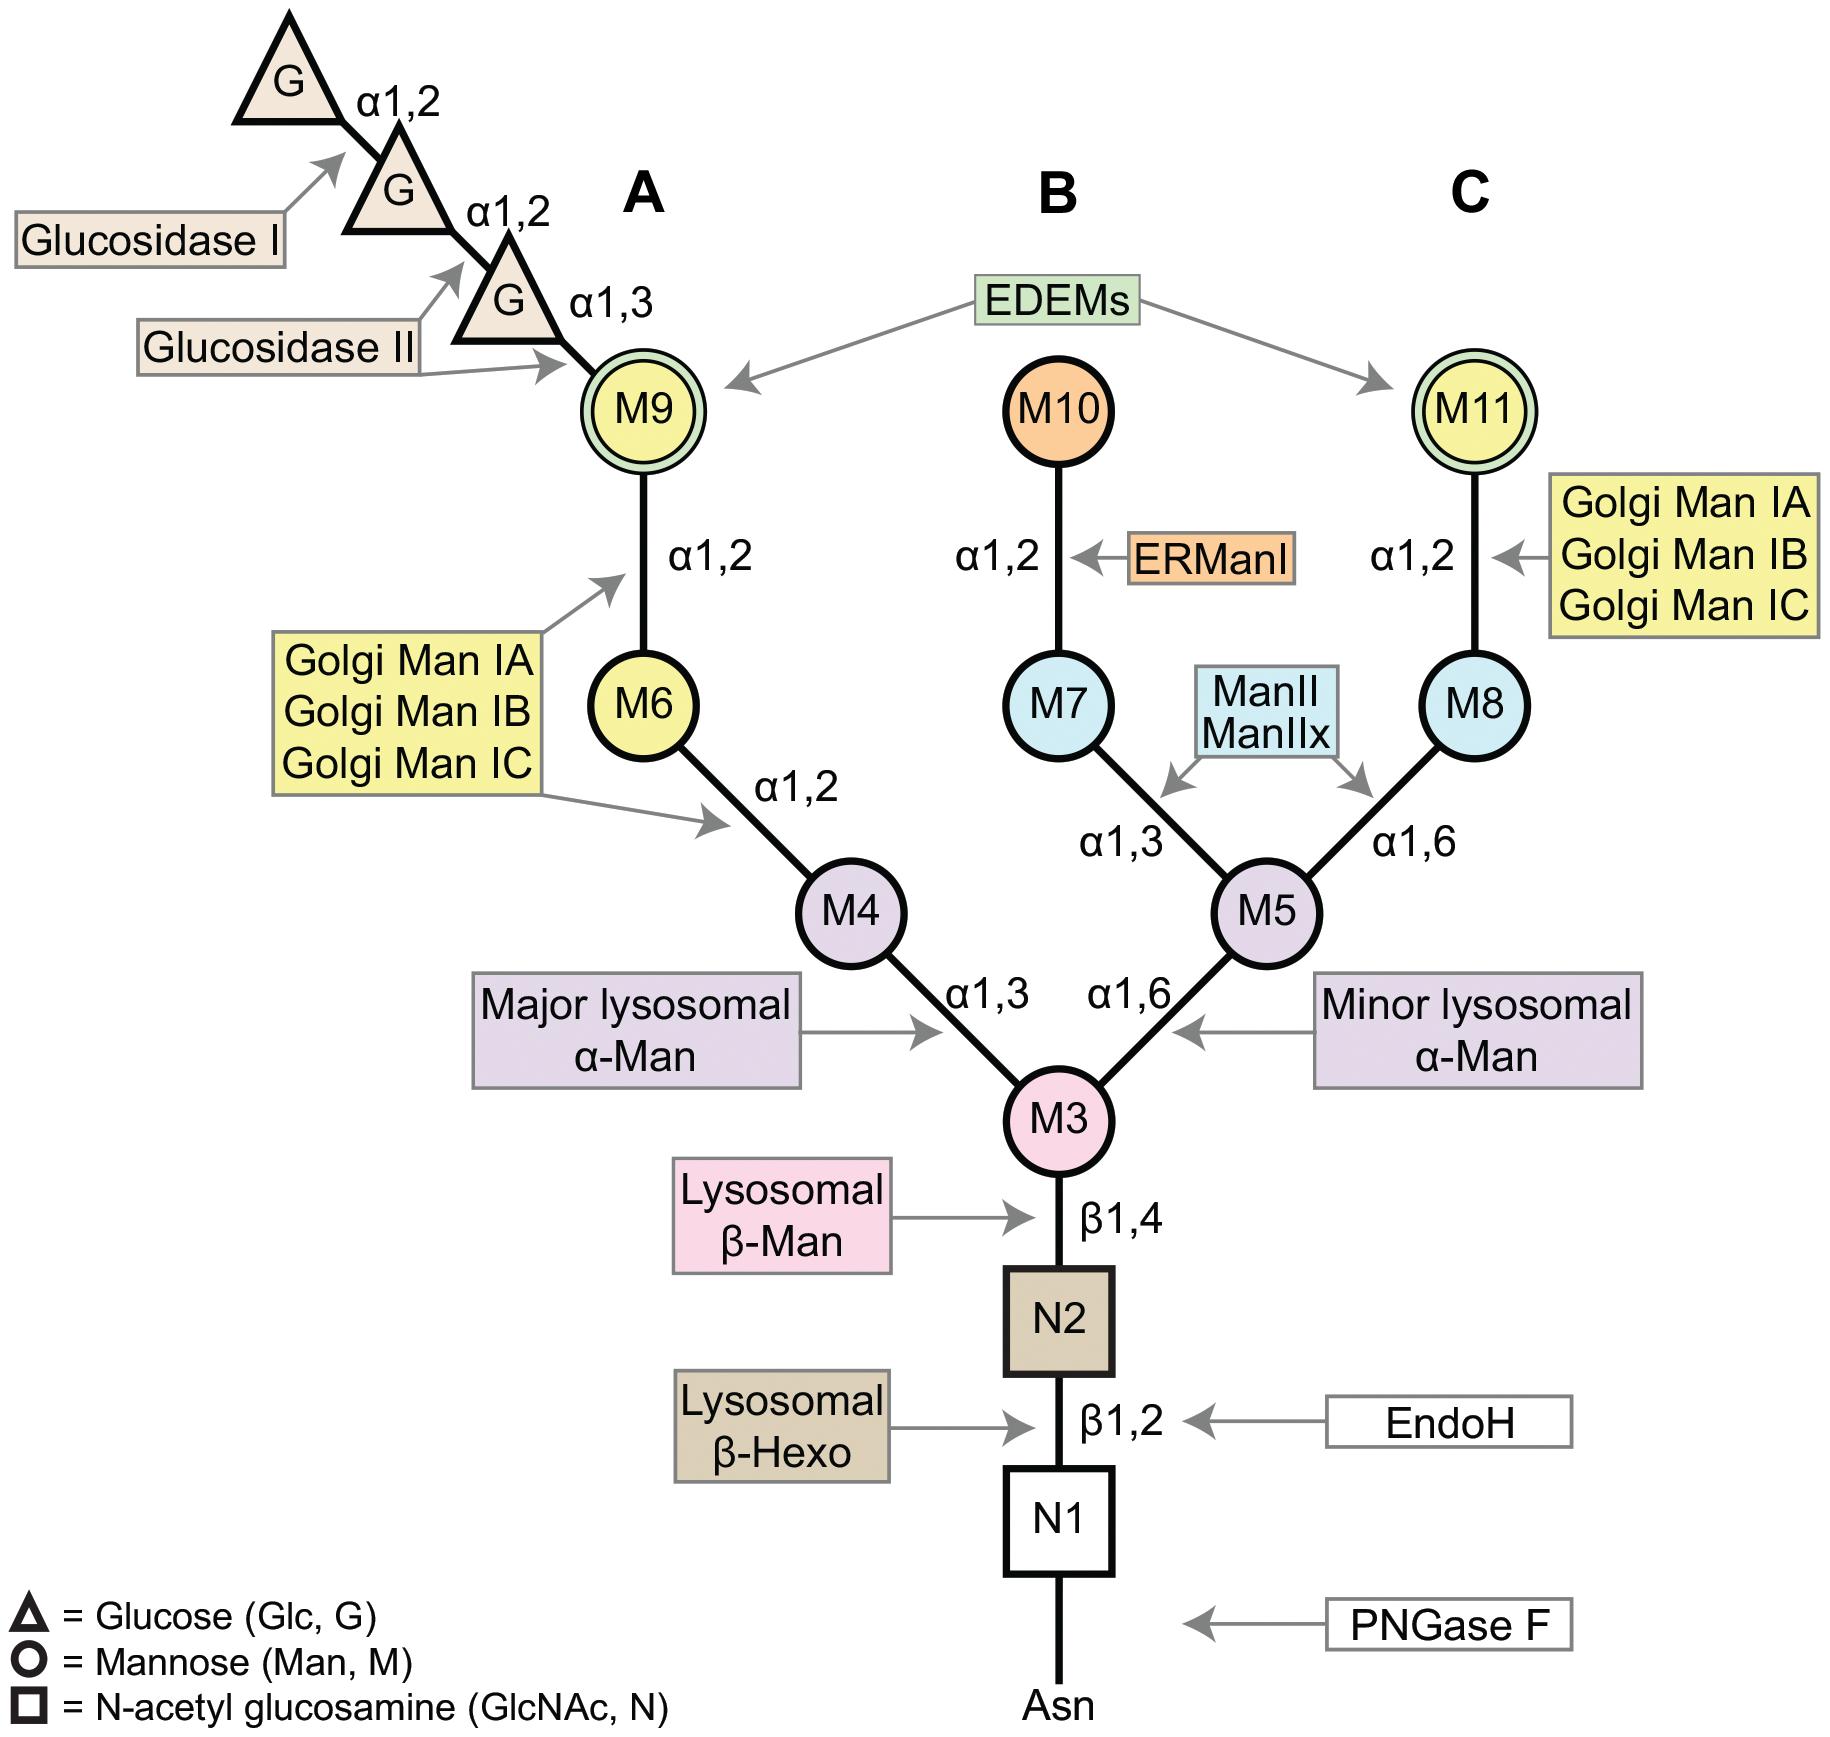 A schematic of the asparagine (Asn, N)-linked oligosaccharide precursor, Glc<sub>3</sub>Man<sub>9</sub>GlcNAc<sub>2</sub>.